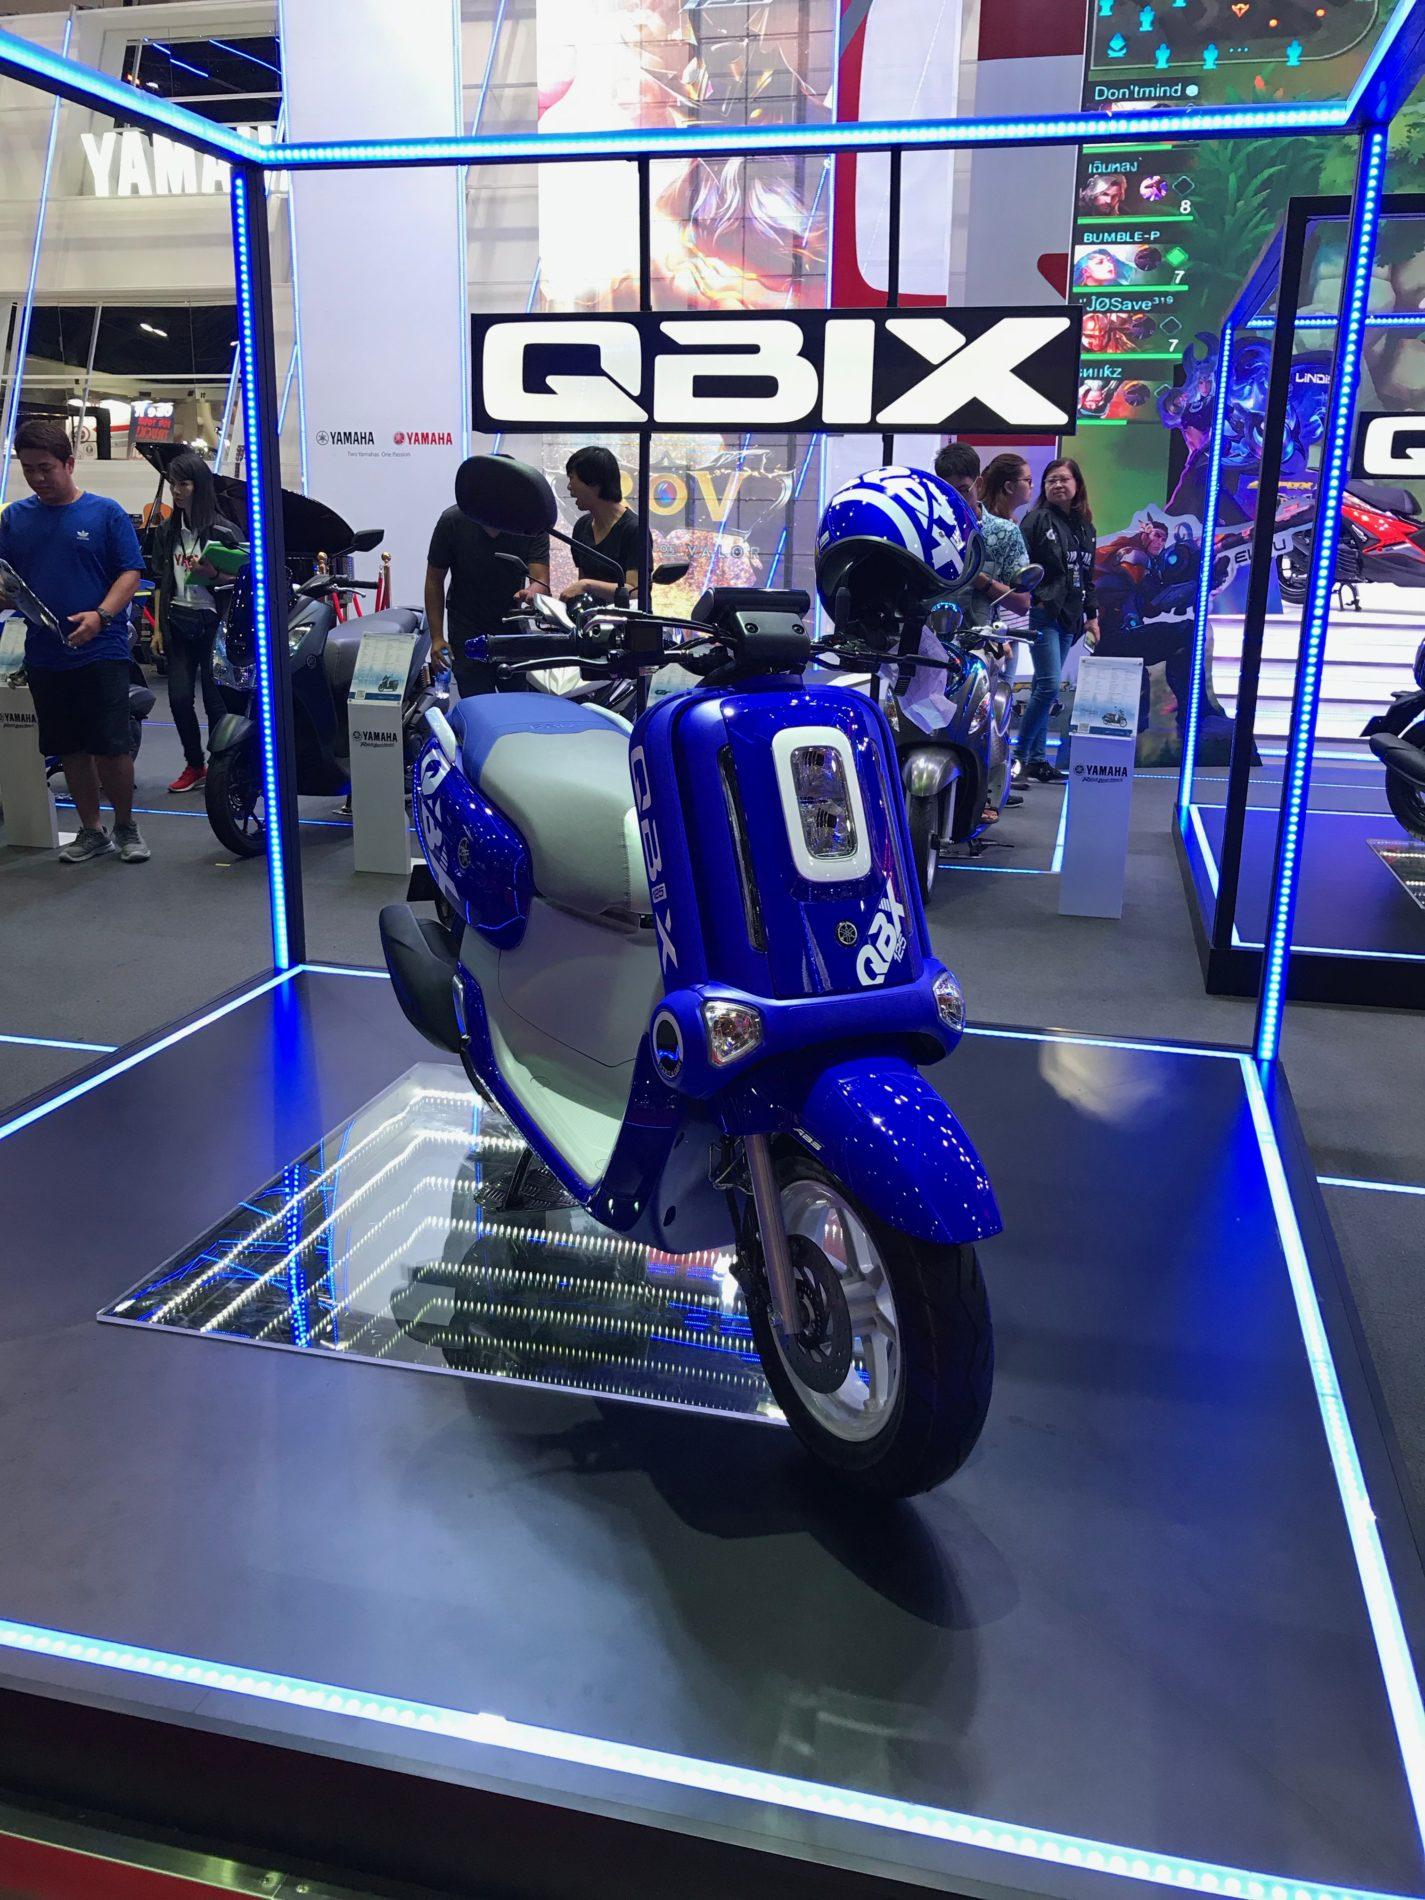 バンコクモーターショー 2019 YAMAHA QBIX